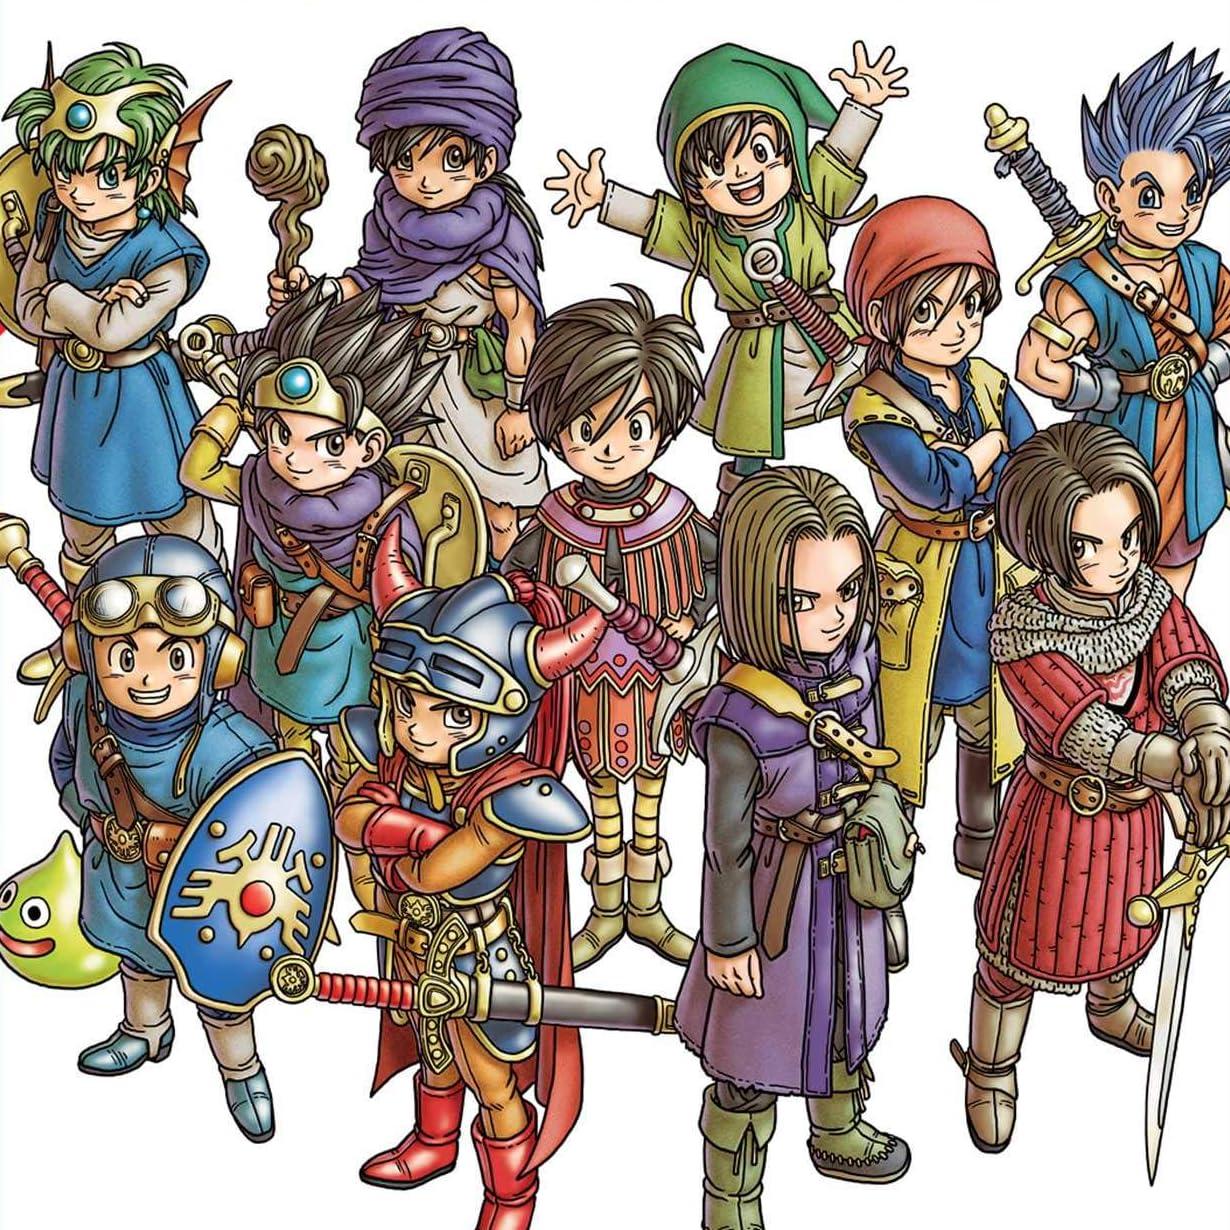 ドラゴンクエスト Ipad壁紙 Dragon Quest Illustrations 30th Anniversary Edition その他 スマホ用画像